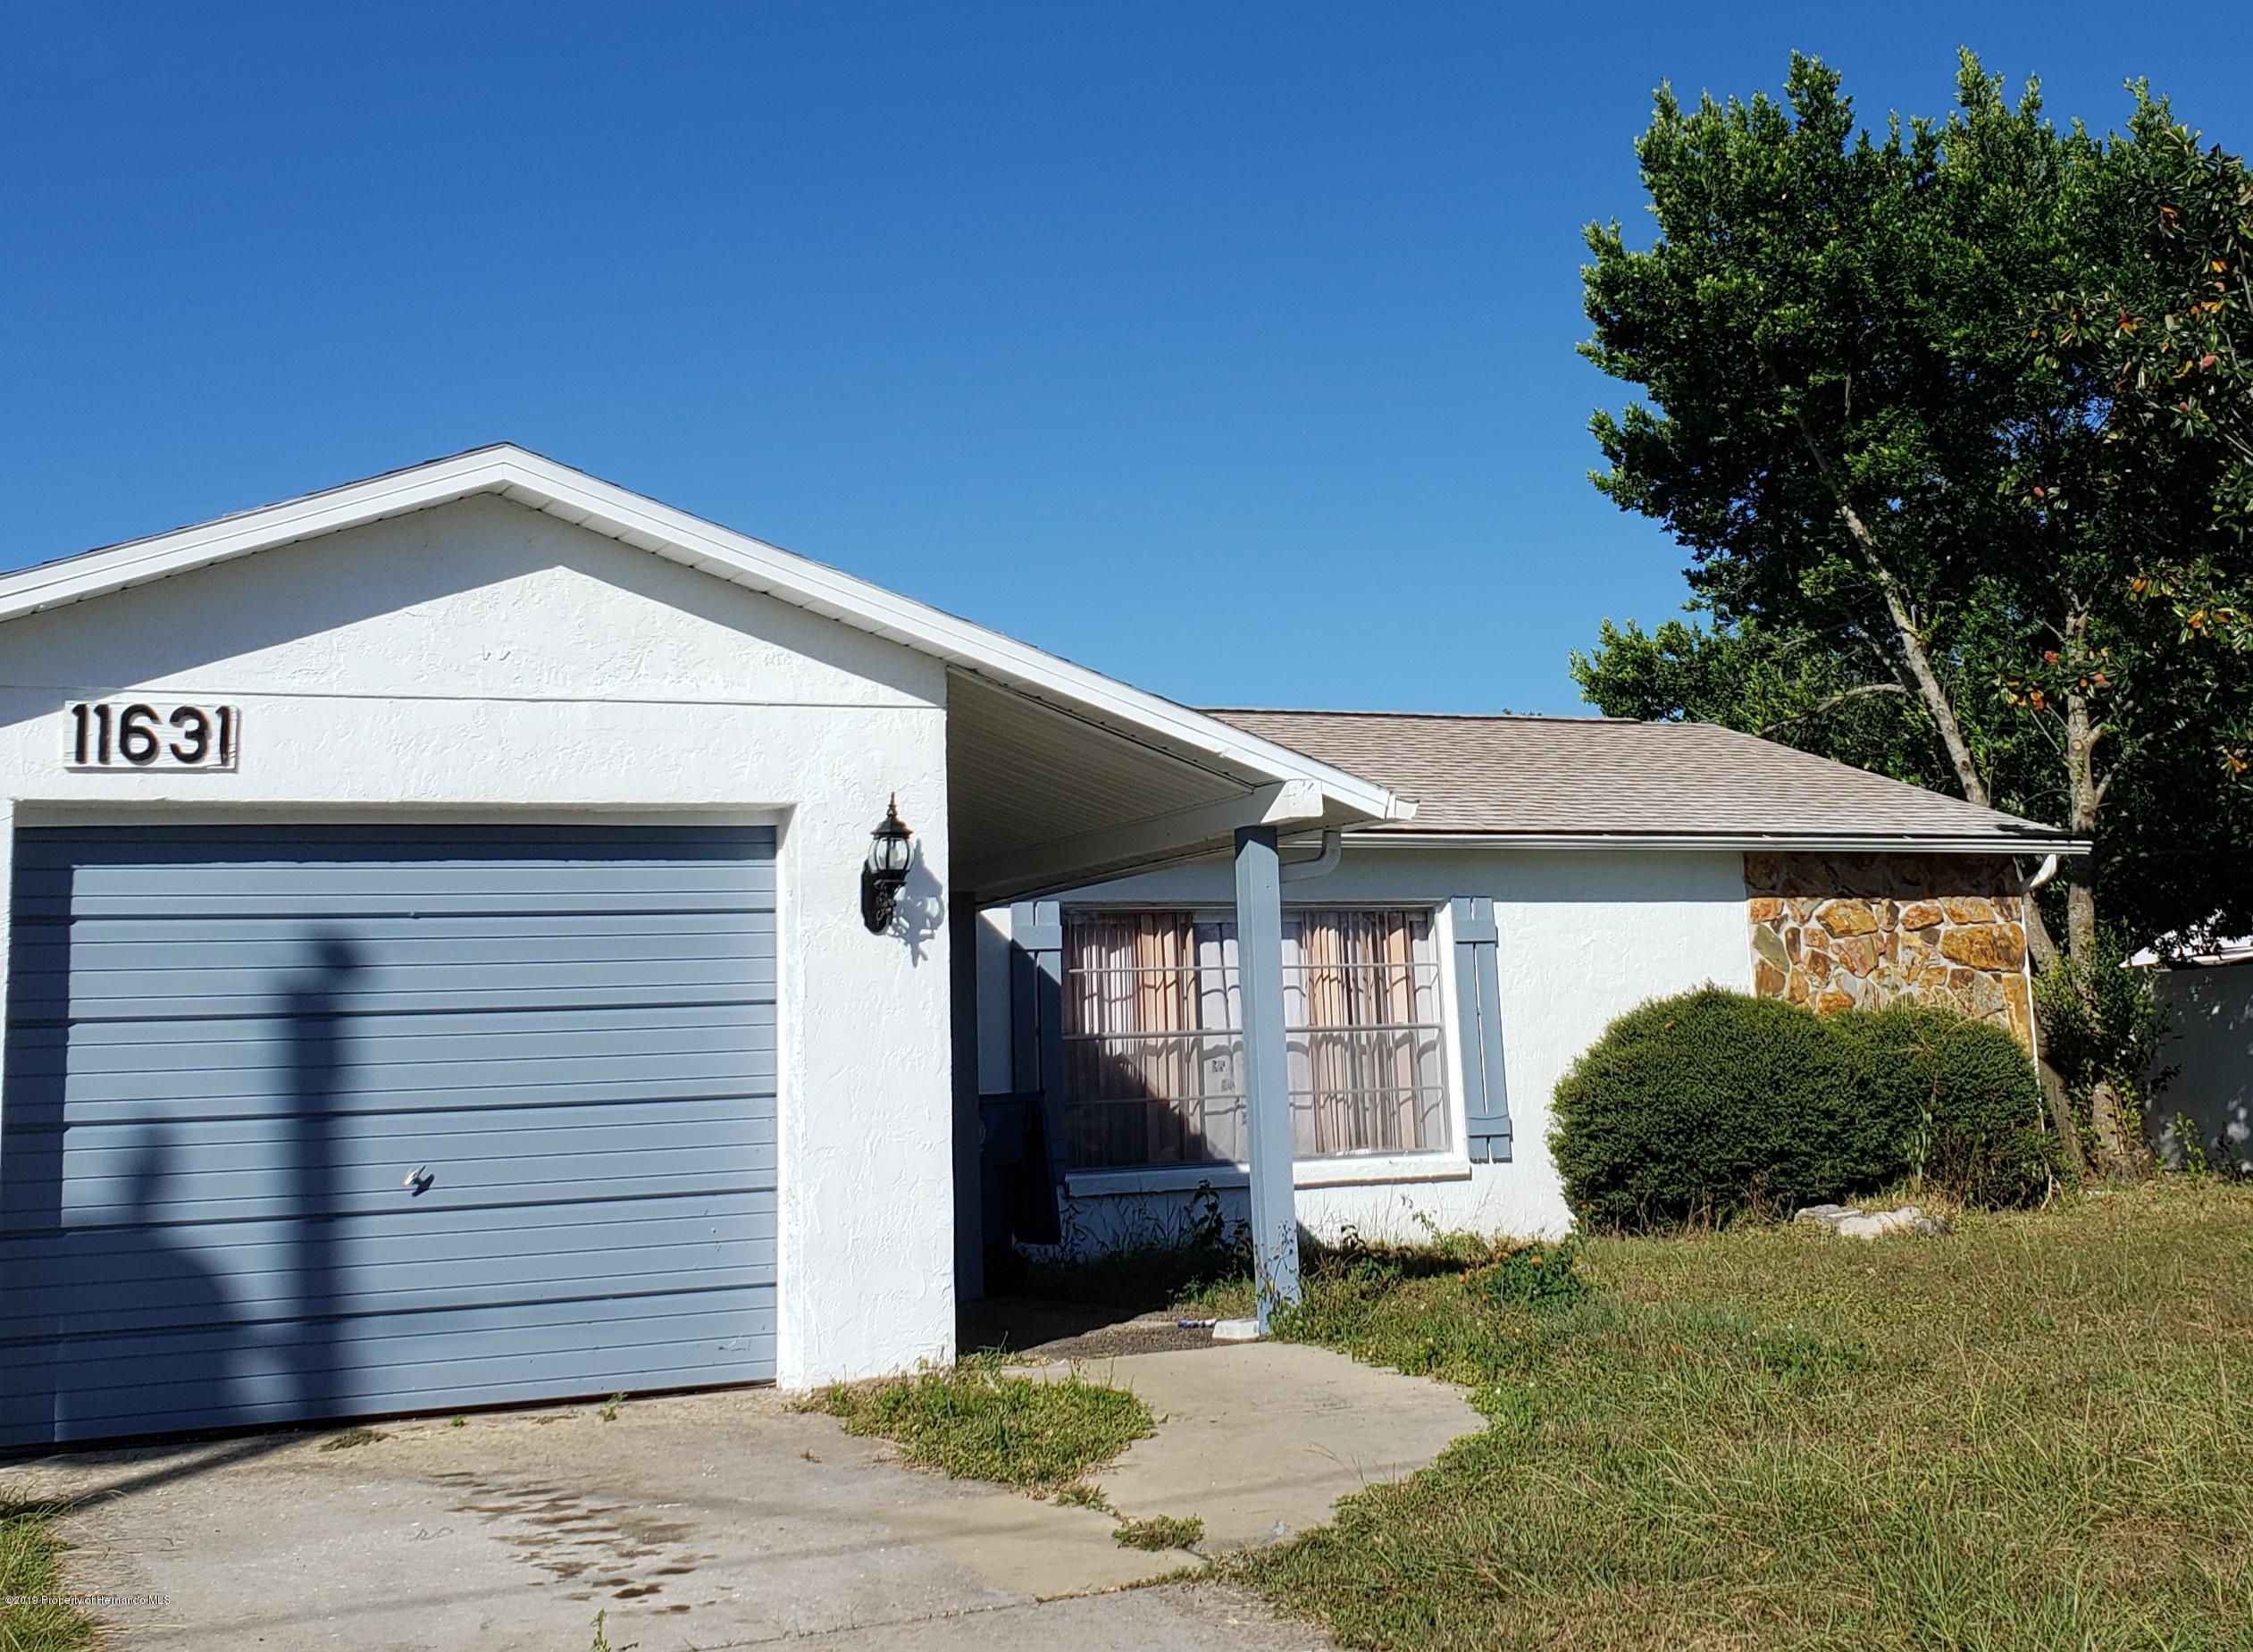 11631 Linden Drive